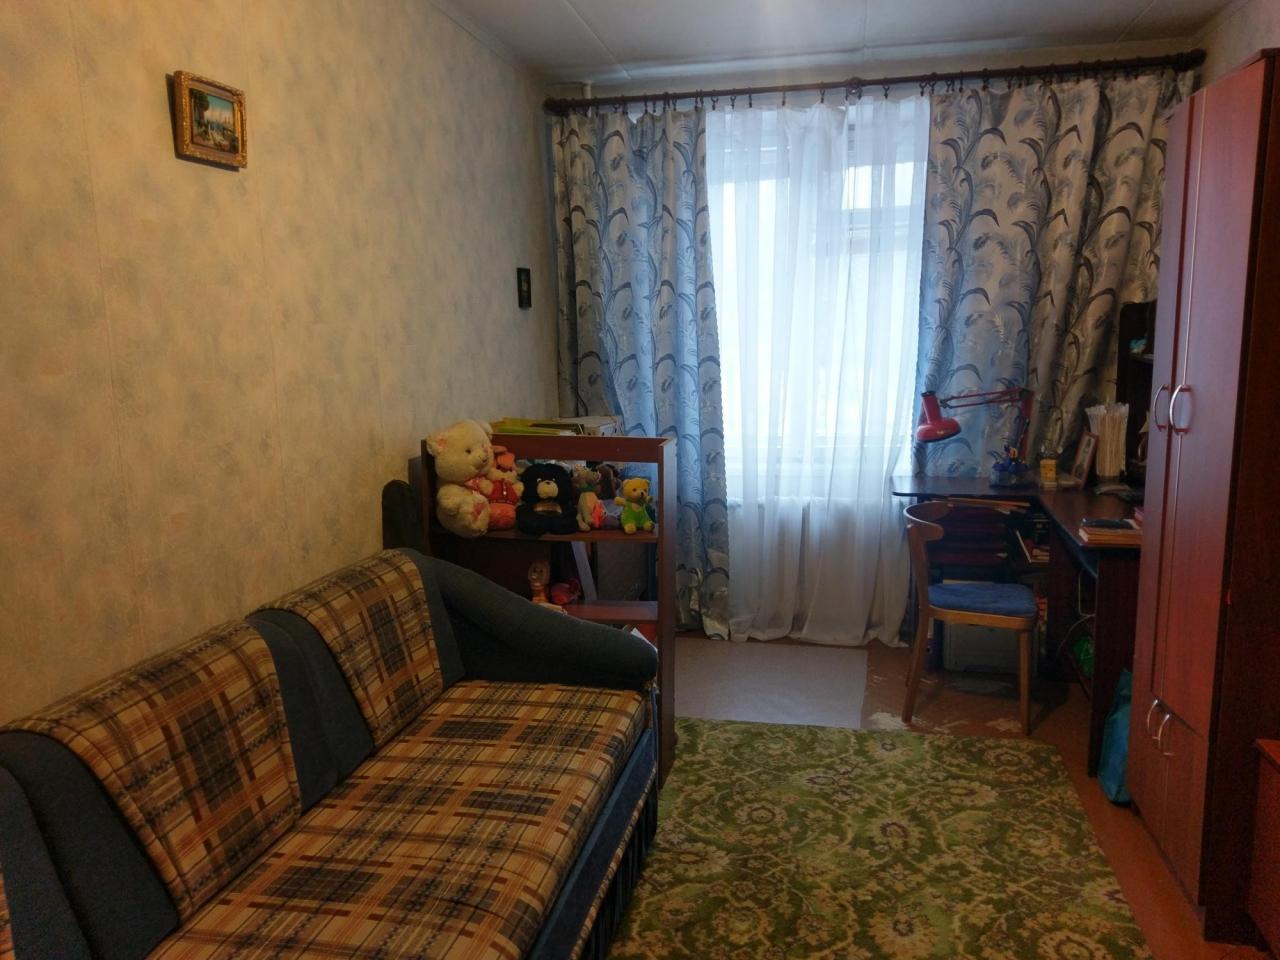 http://dinas.pro.bkn.ru/images/s_big/f3a173cb-e1e0-11e6-9af2-448a5bd44c07.jpg